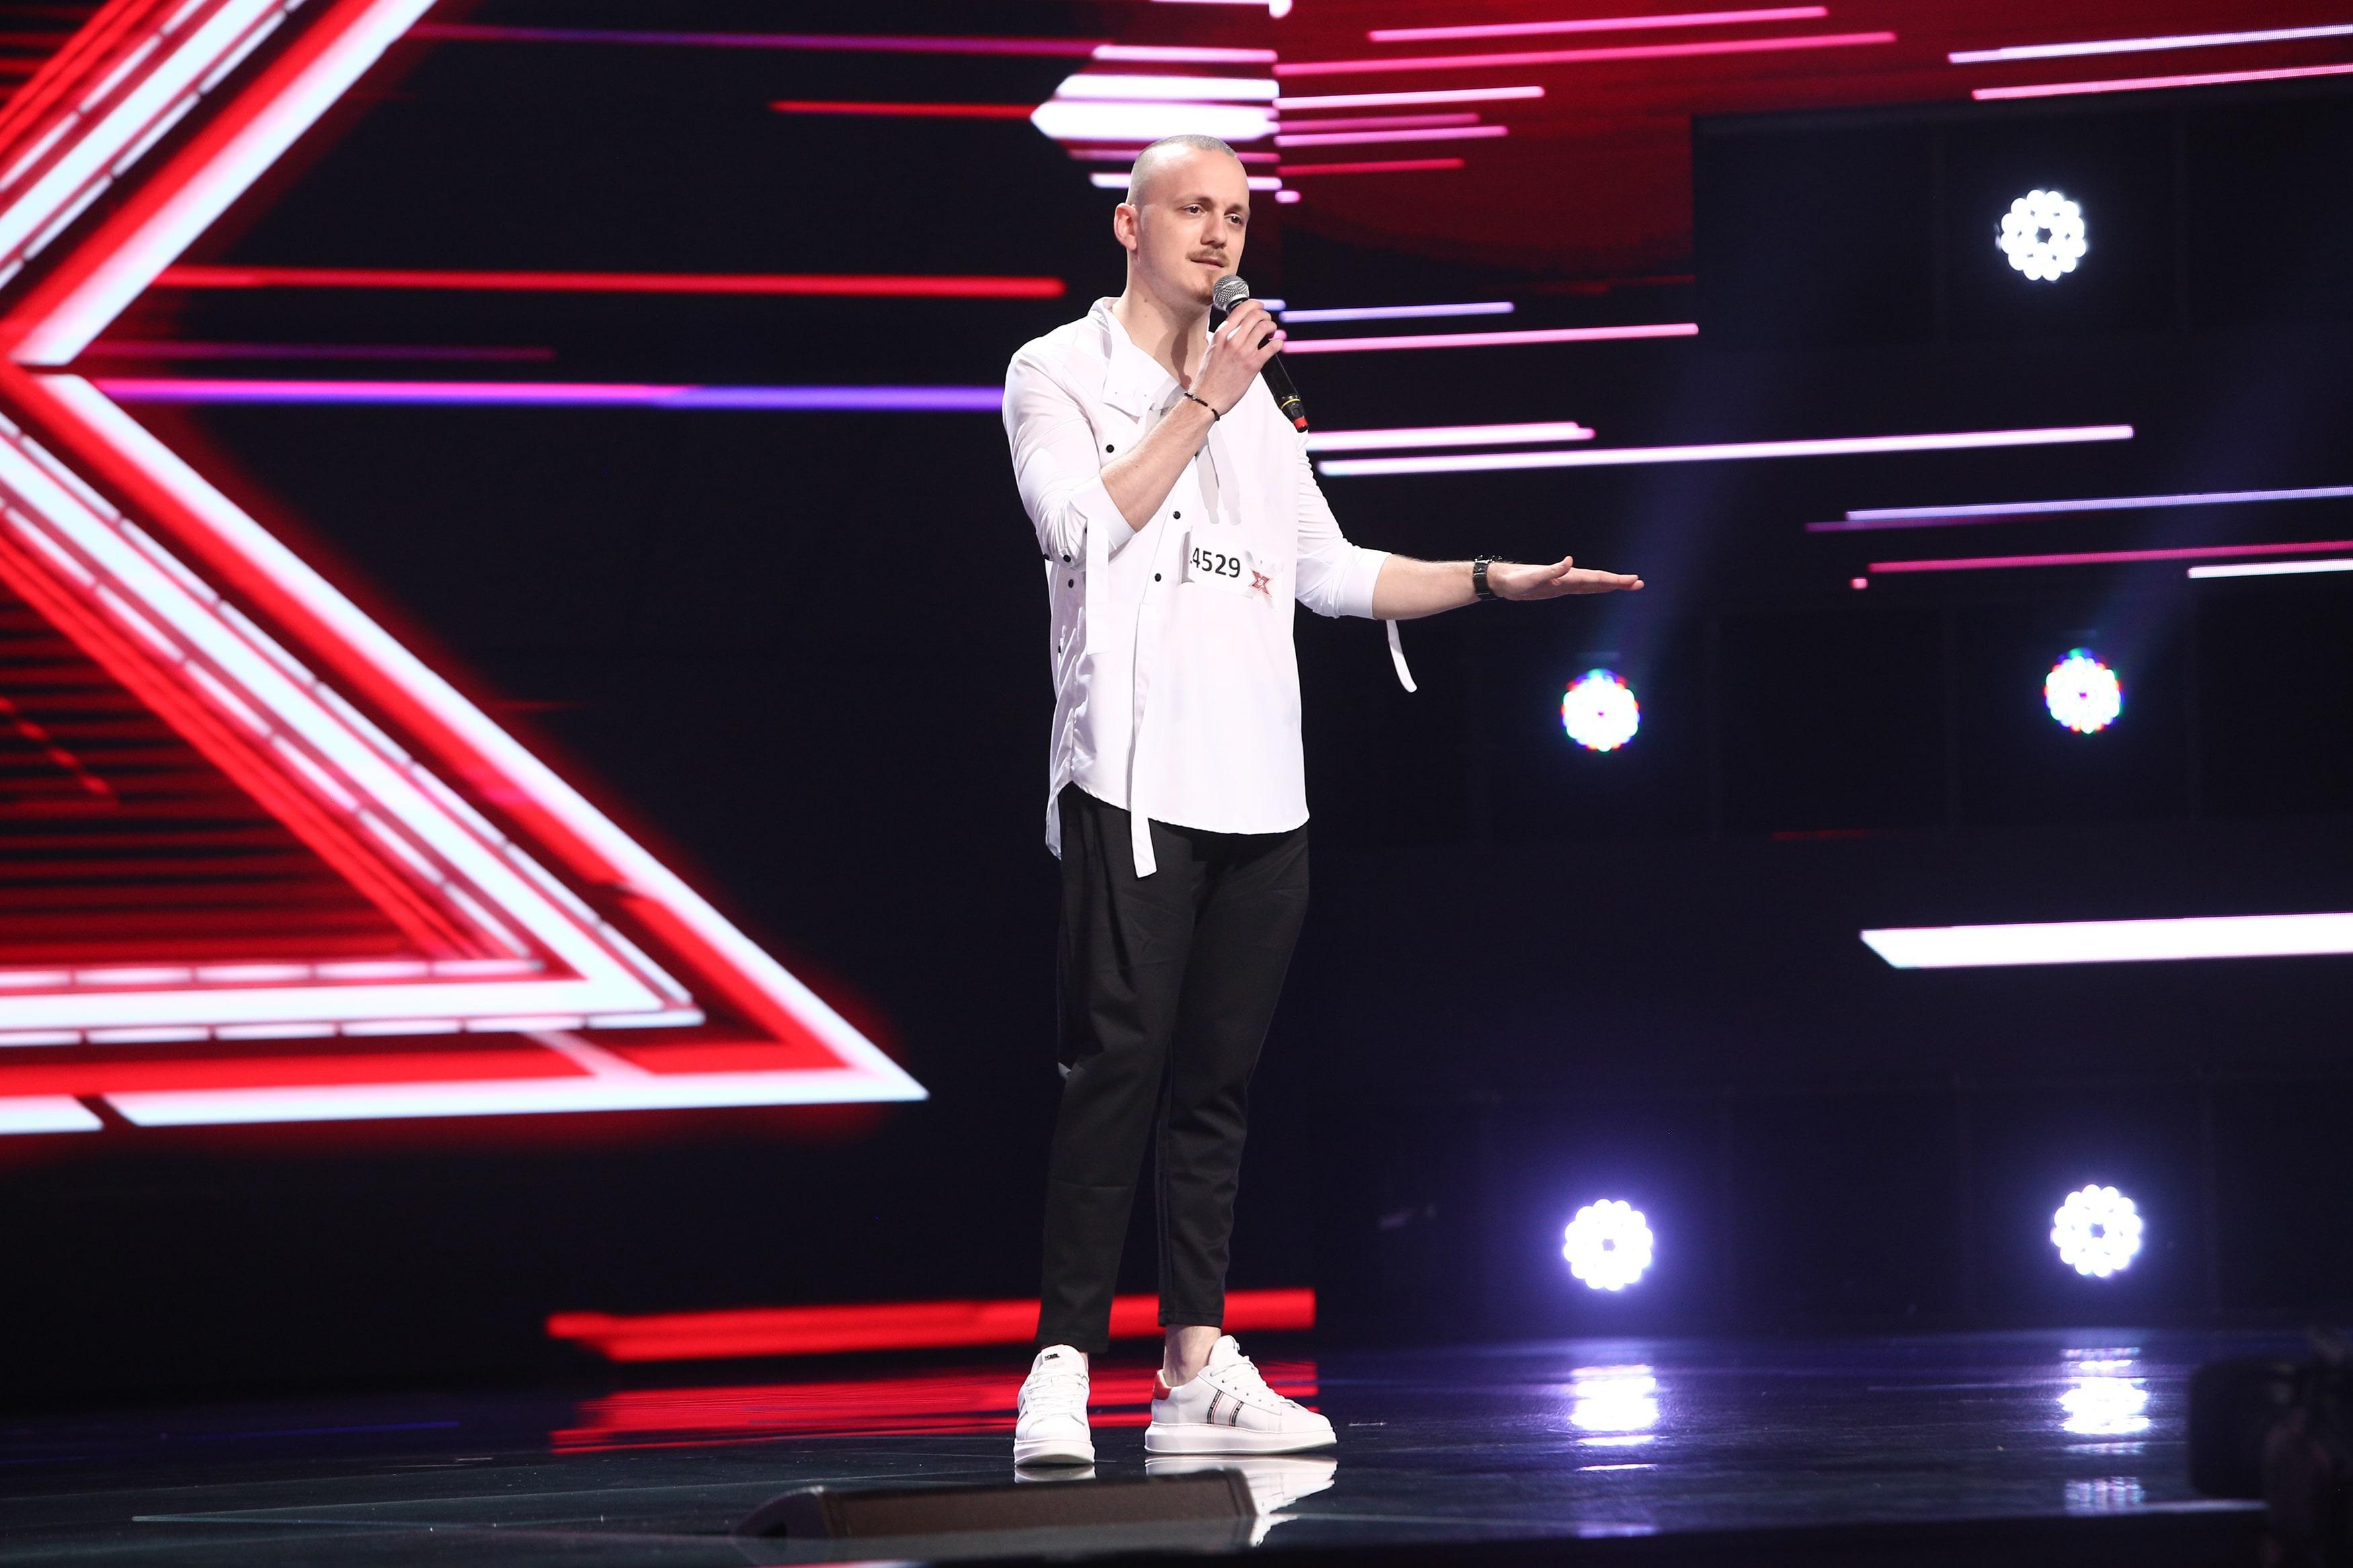 X Factor 2021, 6 septembrie. Alexandru Mailat, interpretarea piesei Runnin' cu care a impresionat juriul